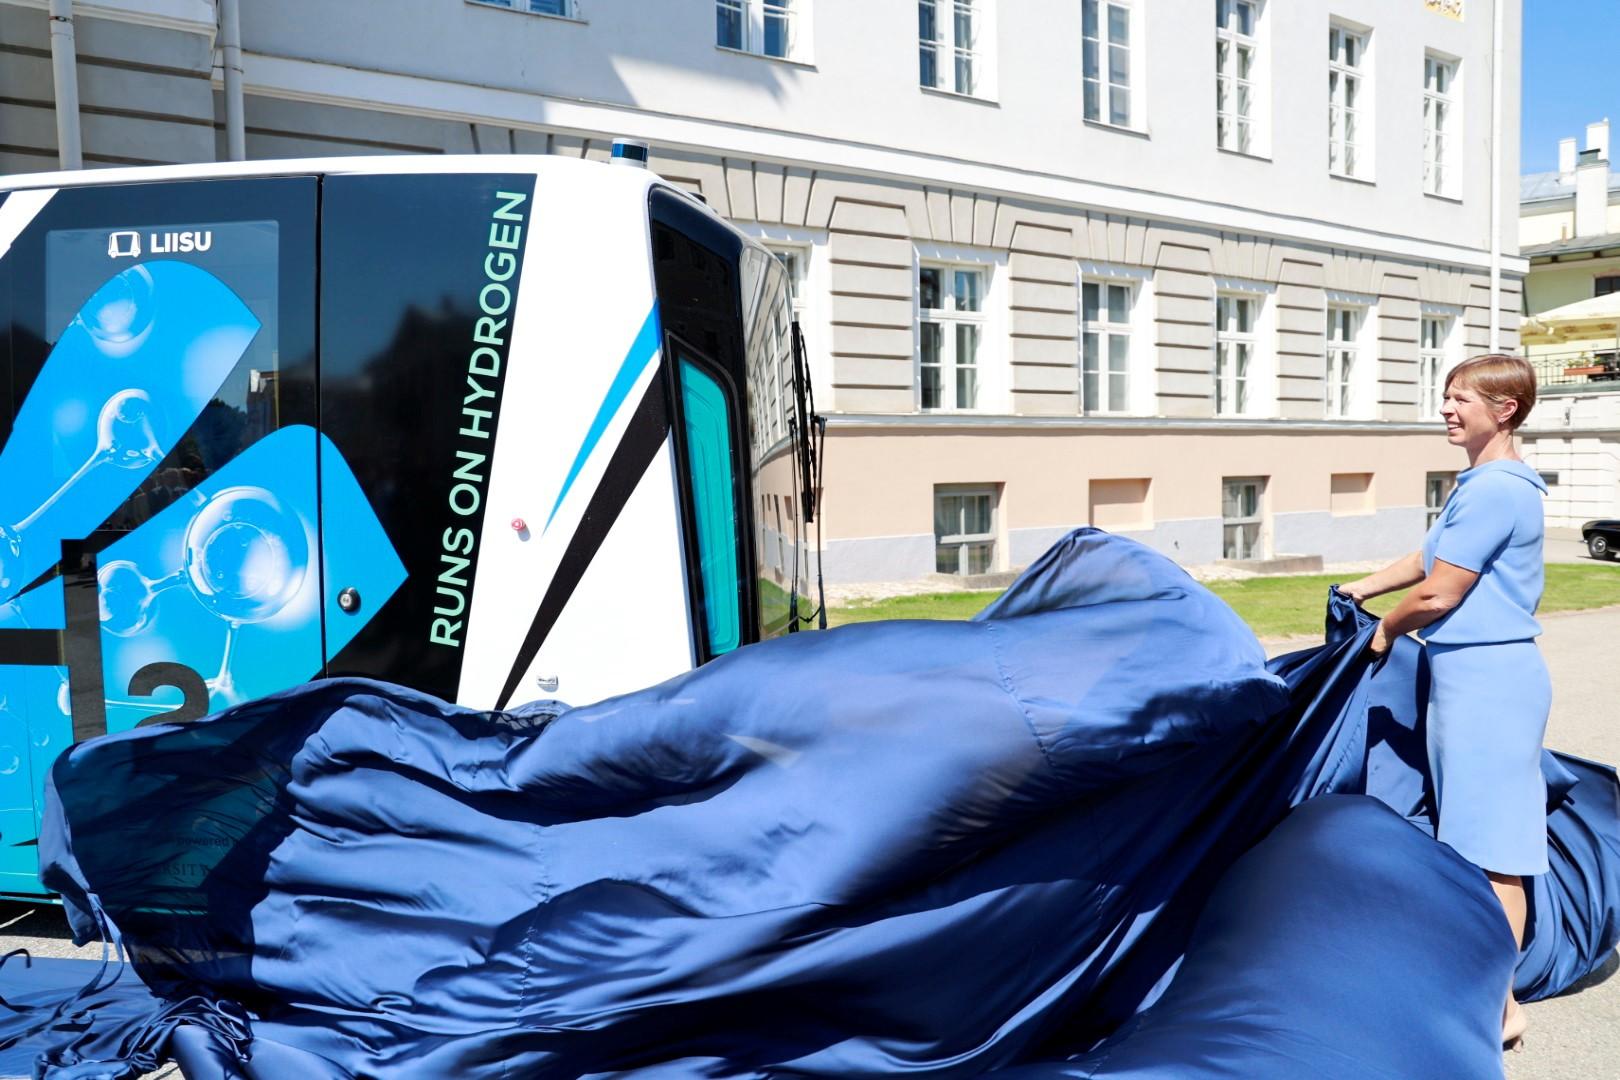 President Kaljulaid unveils Auve Tech hydrogen vehicle